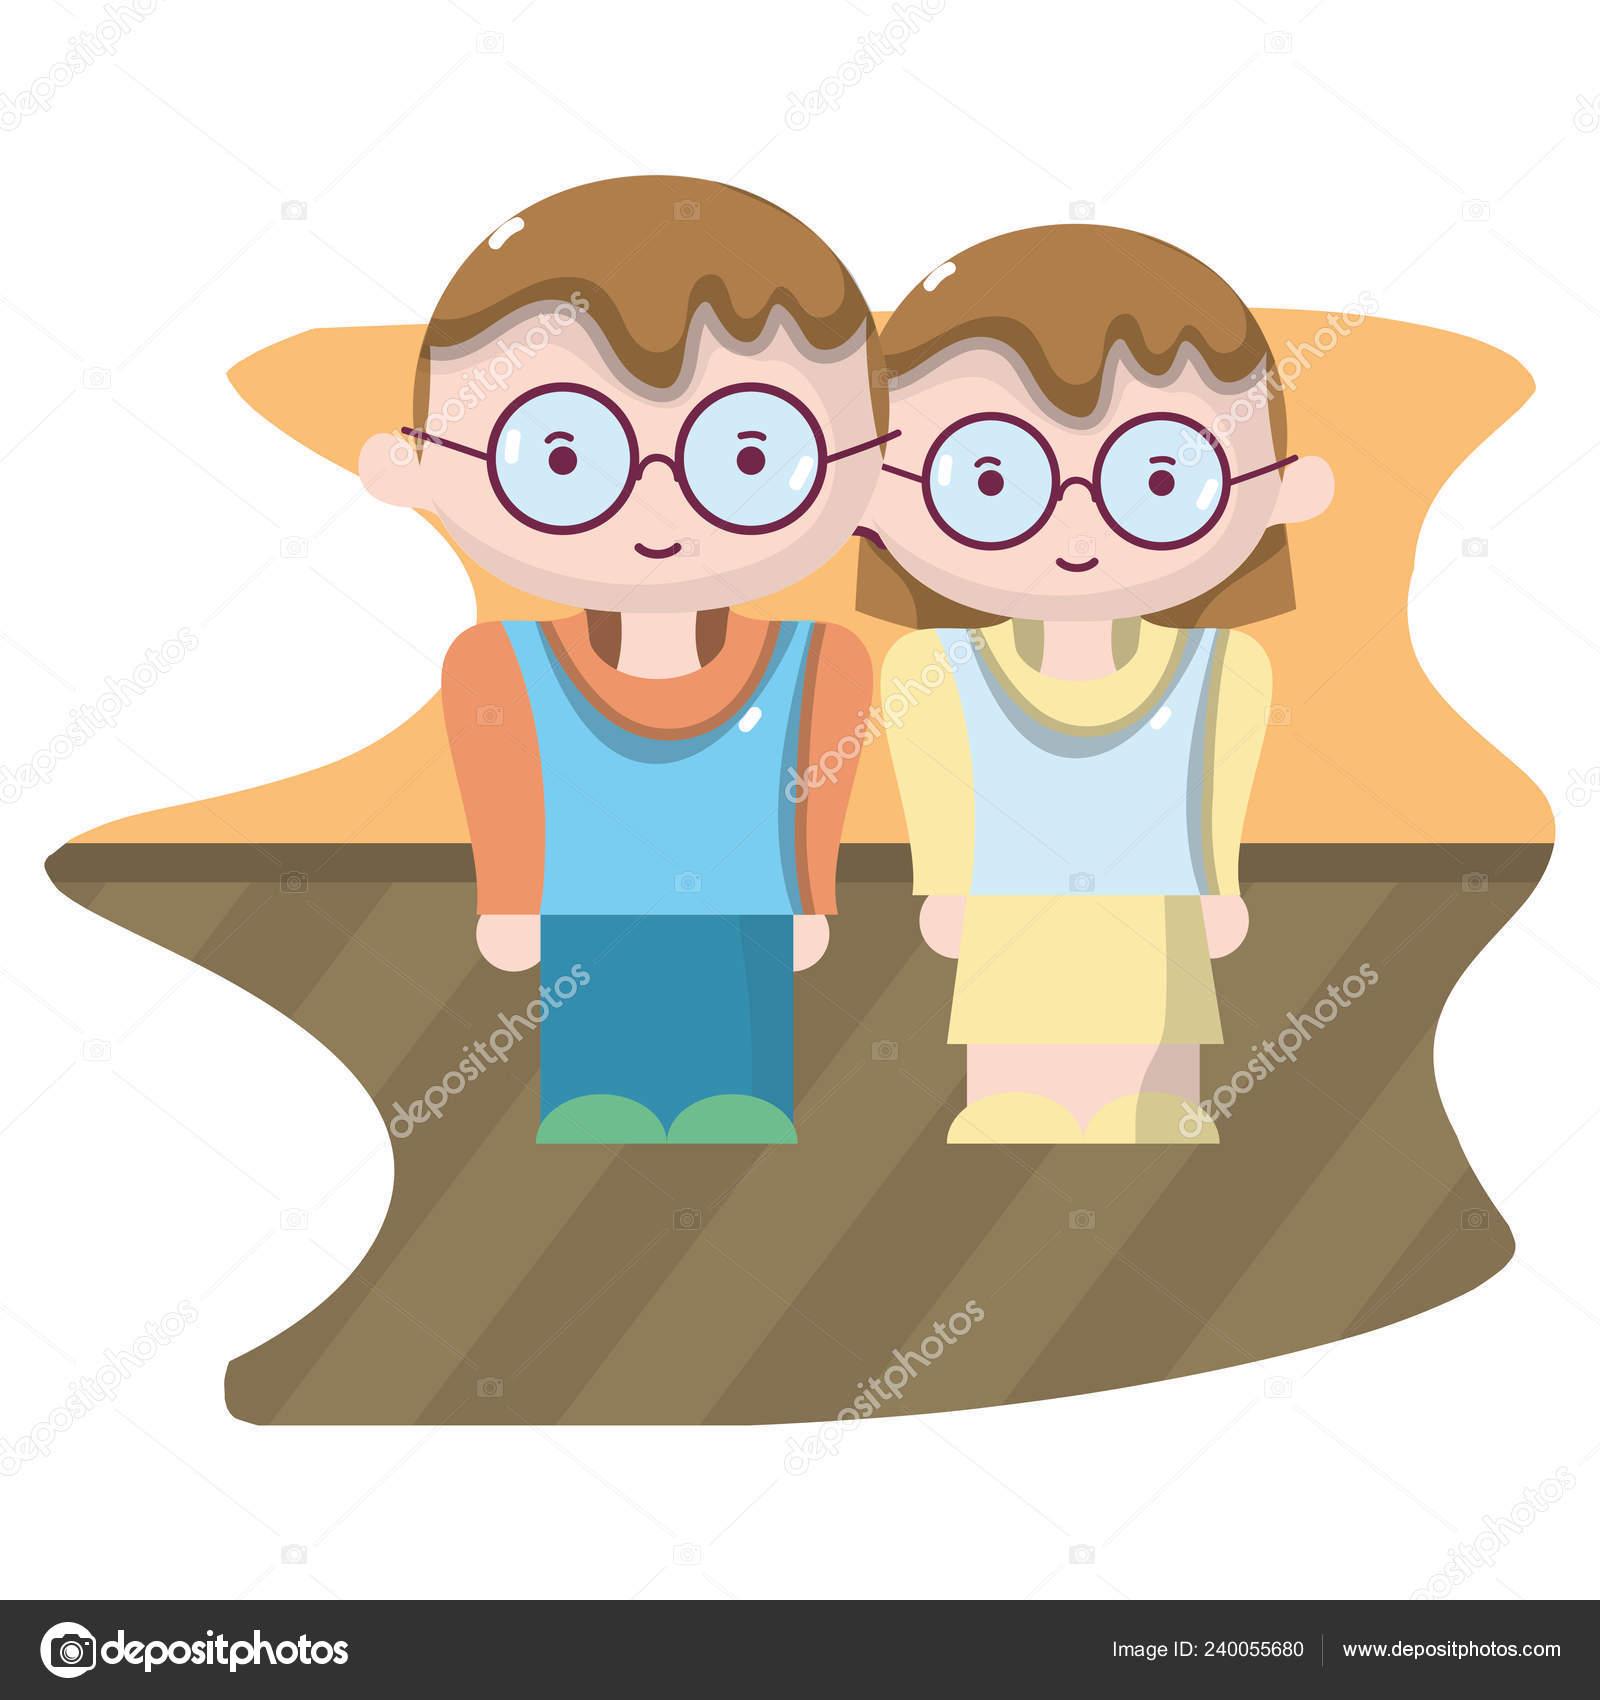 kék gallérral társkereső weboldal randevúk törvényei kiskorúak számára Minnesotában